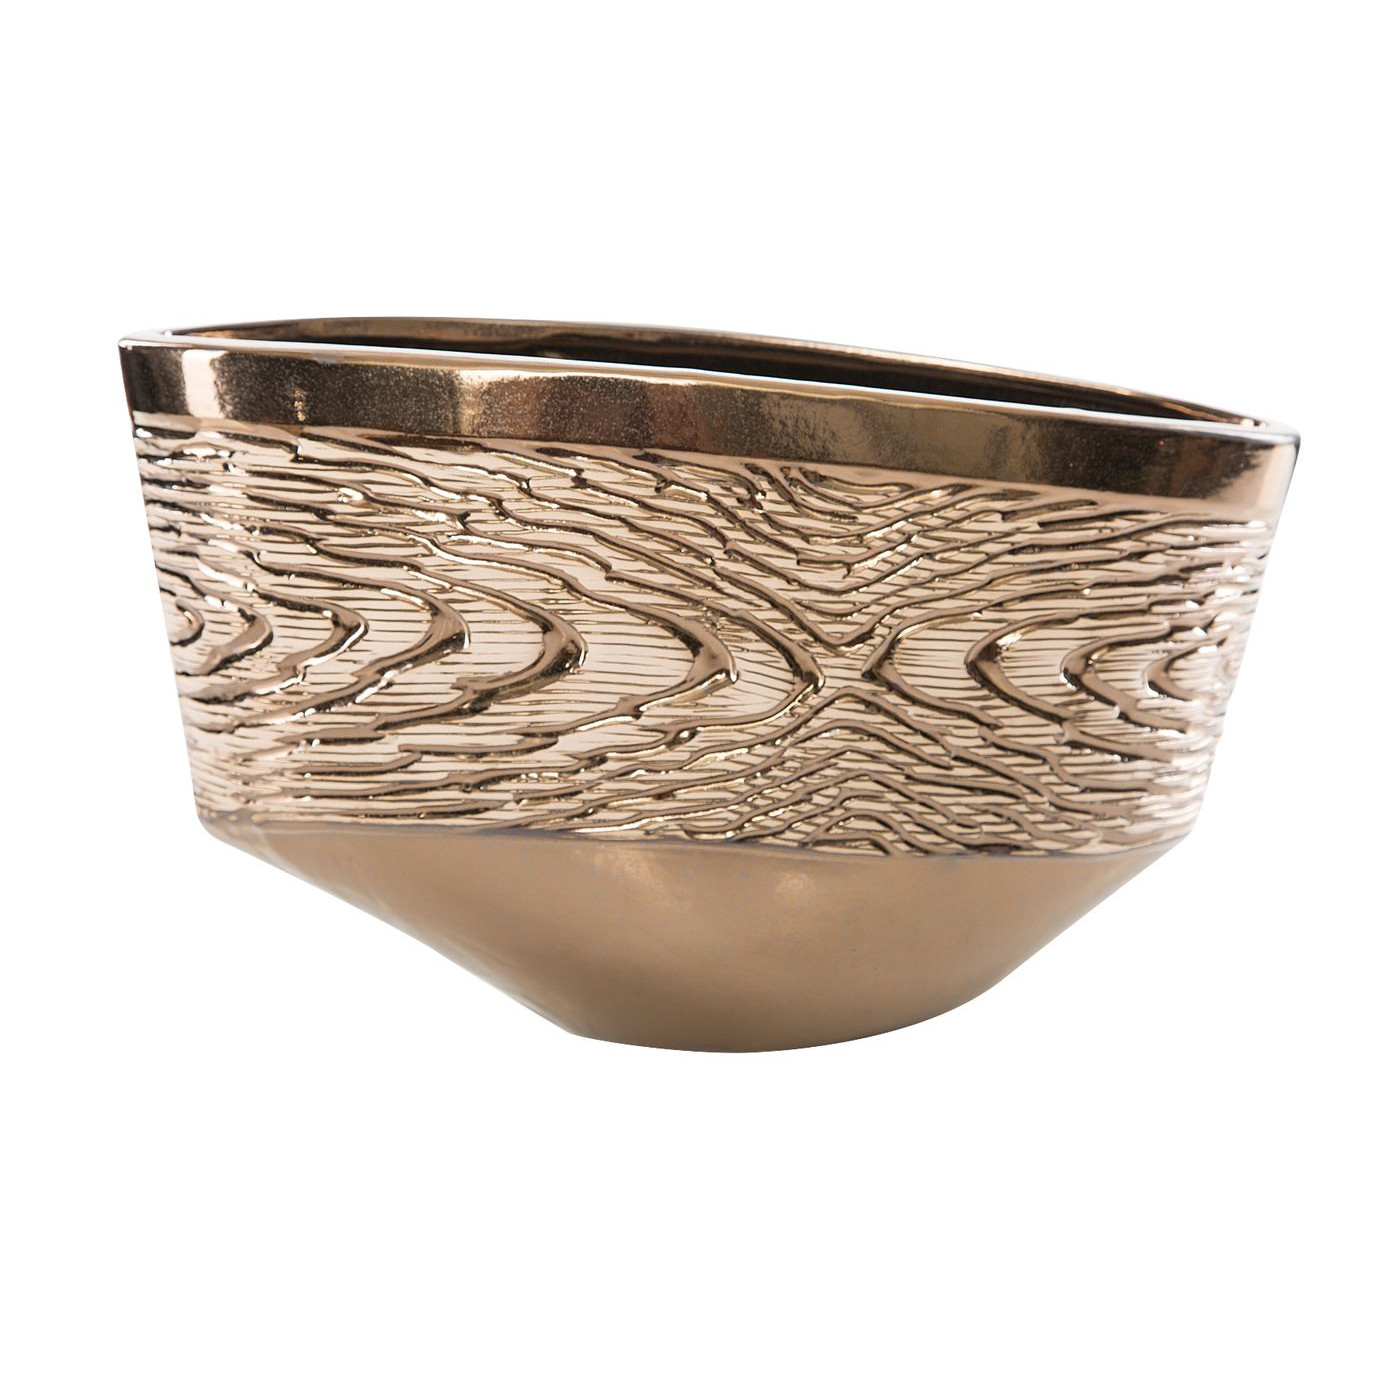 Wazon ceramiczny złoty struktura drewna 25 cm